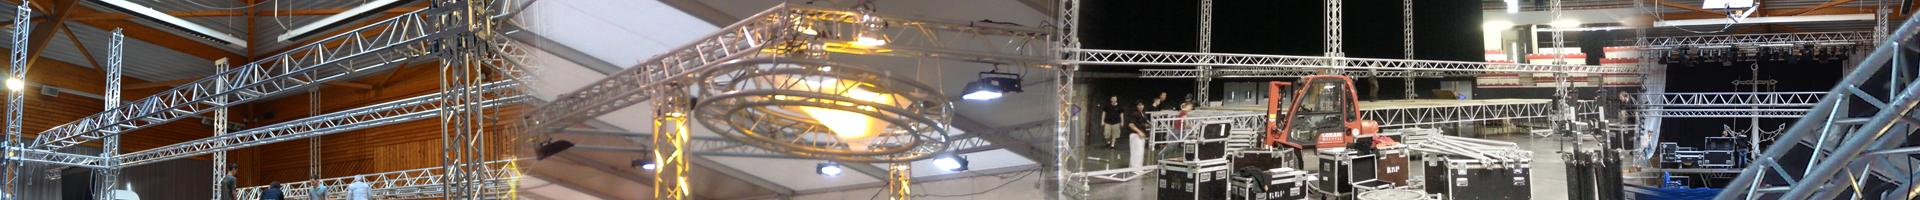 prestataire son et lumiere, location lumiere, prestataire evenementiel, scene mobile, eclairage evenementiel, sonorisation, prestataire evenementiel, entreprise evenementiel, location eclairage, prestataire technique lyon, location materiel sono lyon,